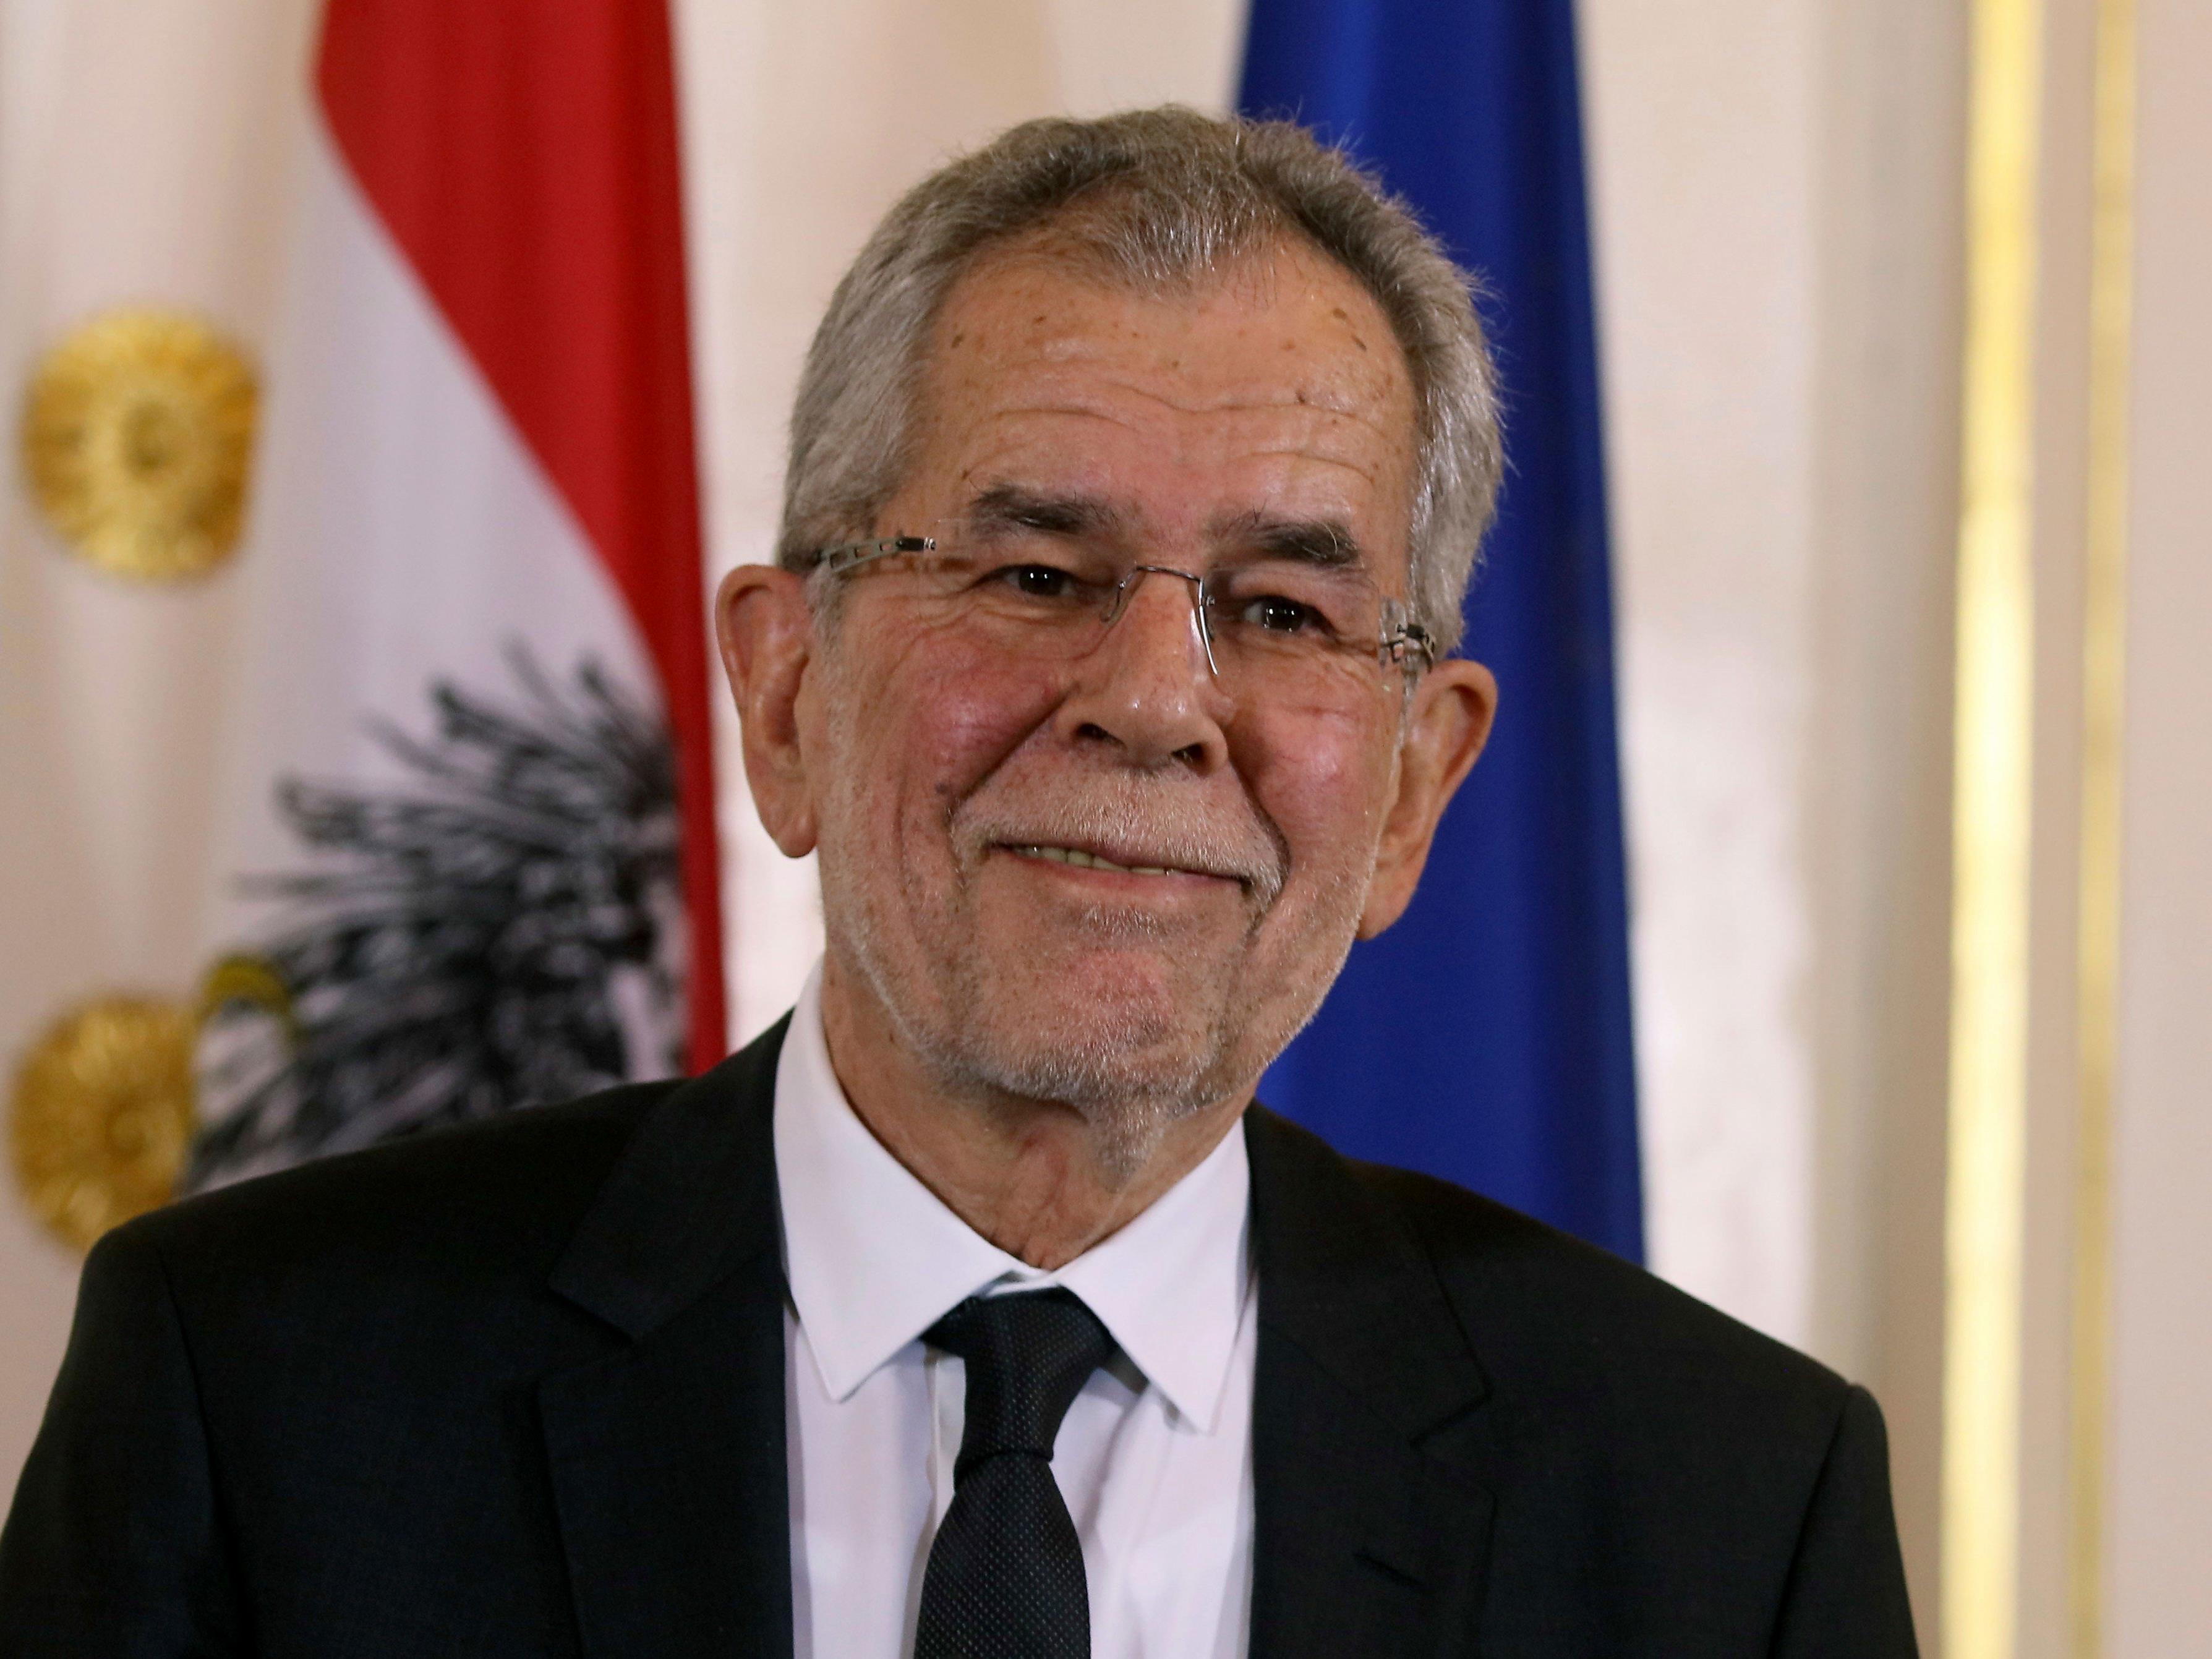 Alexander Van der Bellen ist nun offiziell Bundespräsident